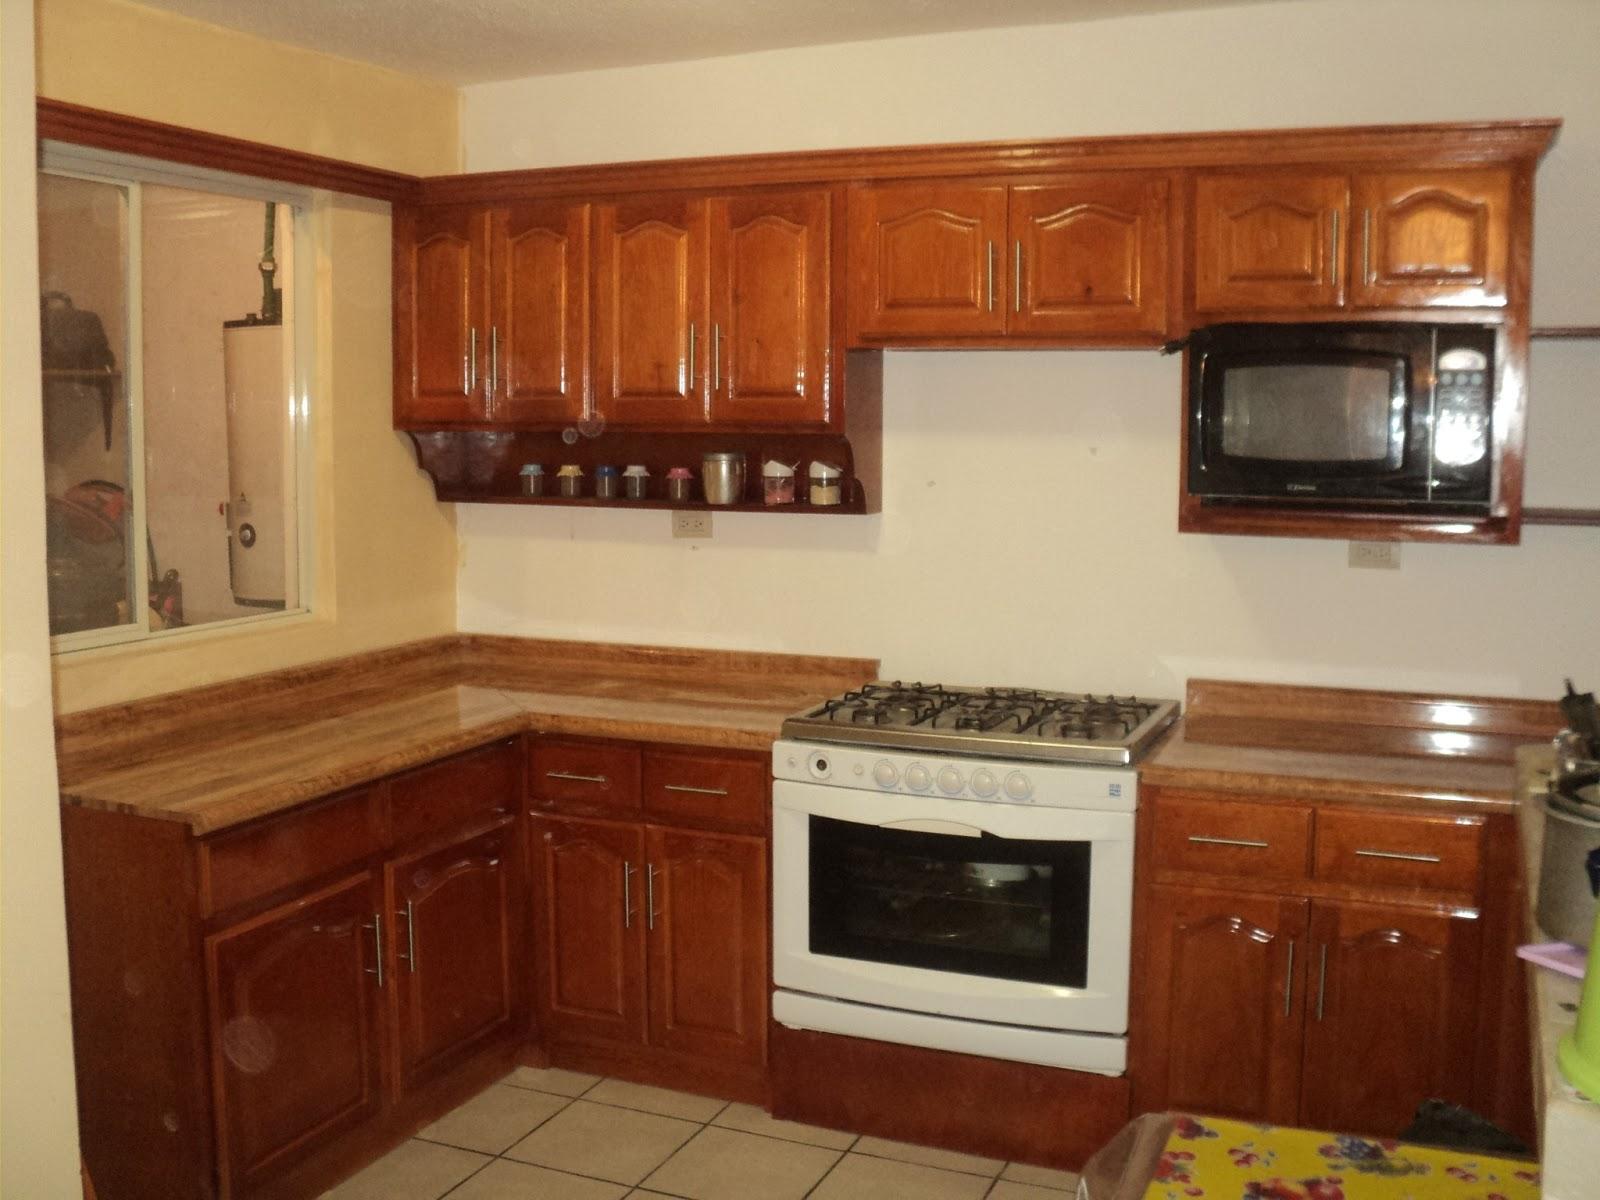 Presupuesto para muebles de cocina for Presupuesto muebles de cocina